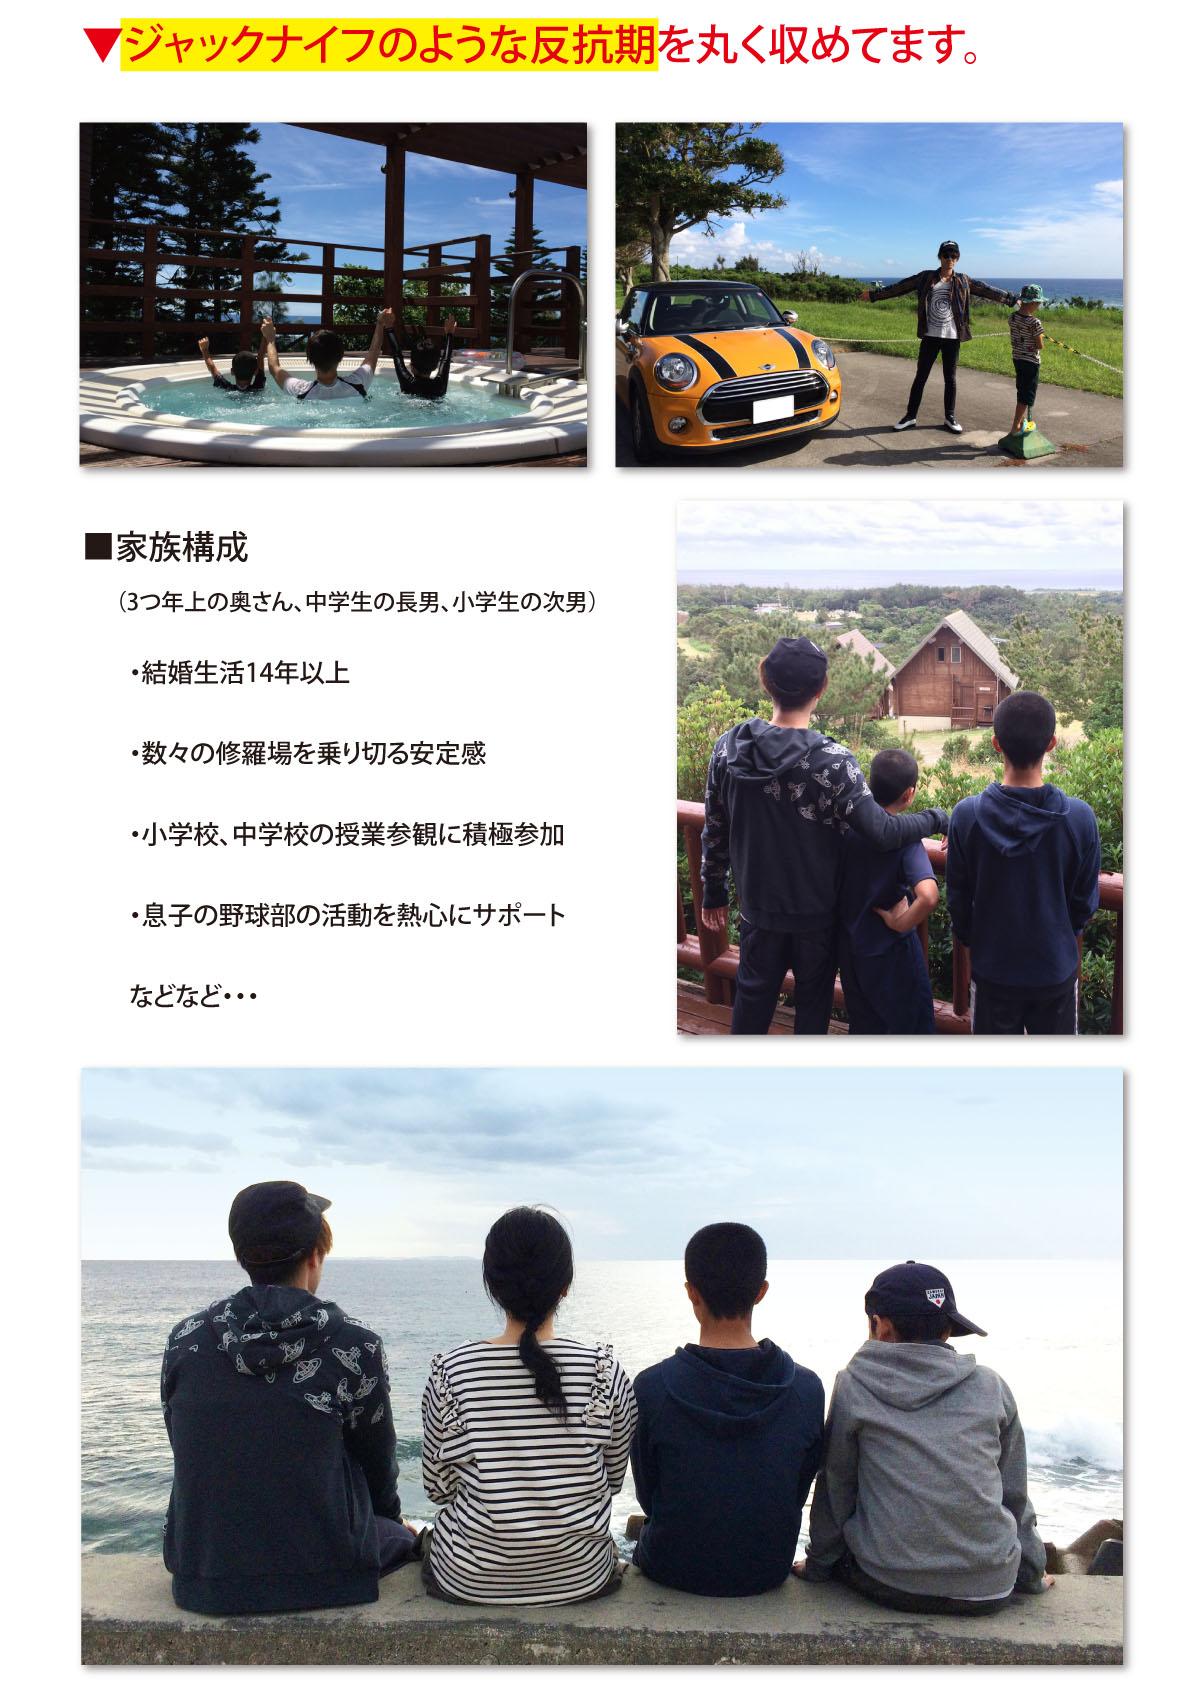 nakamurakouichi_webagent_13